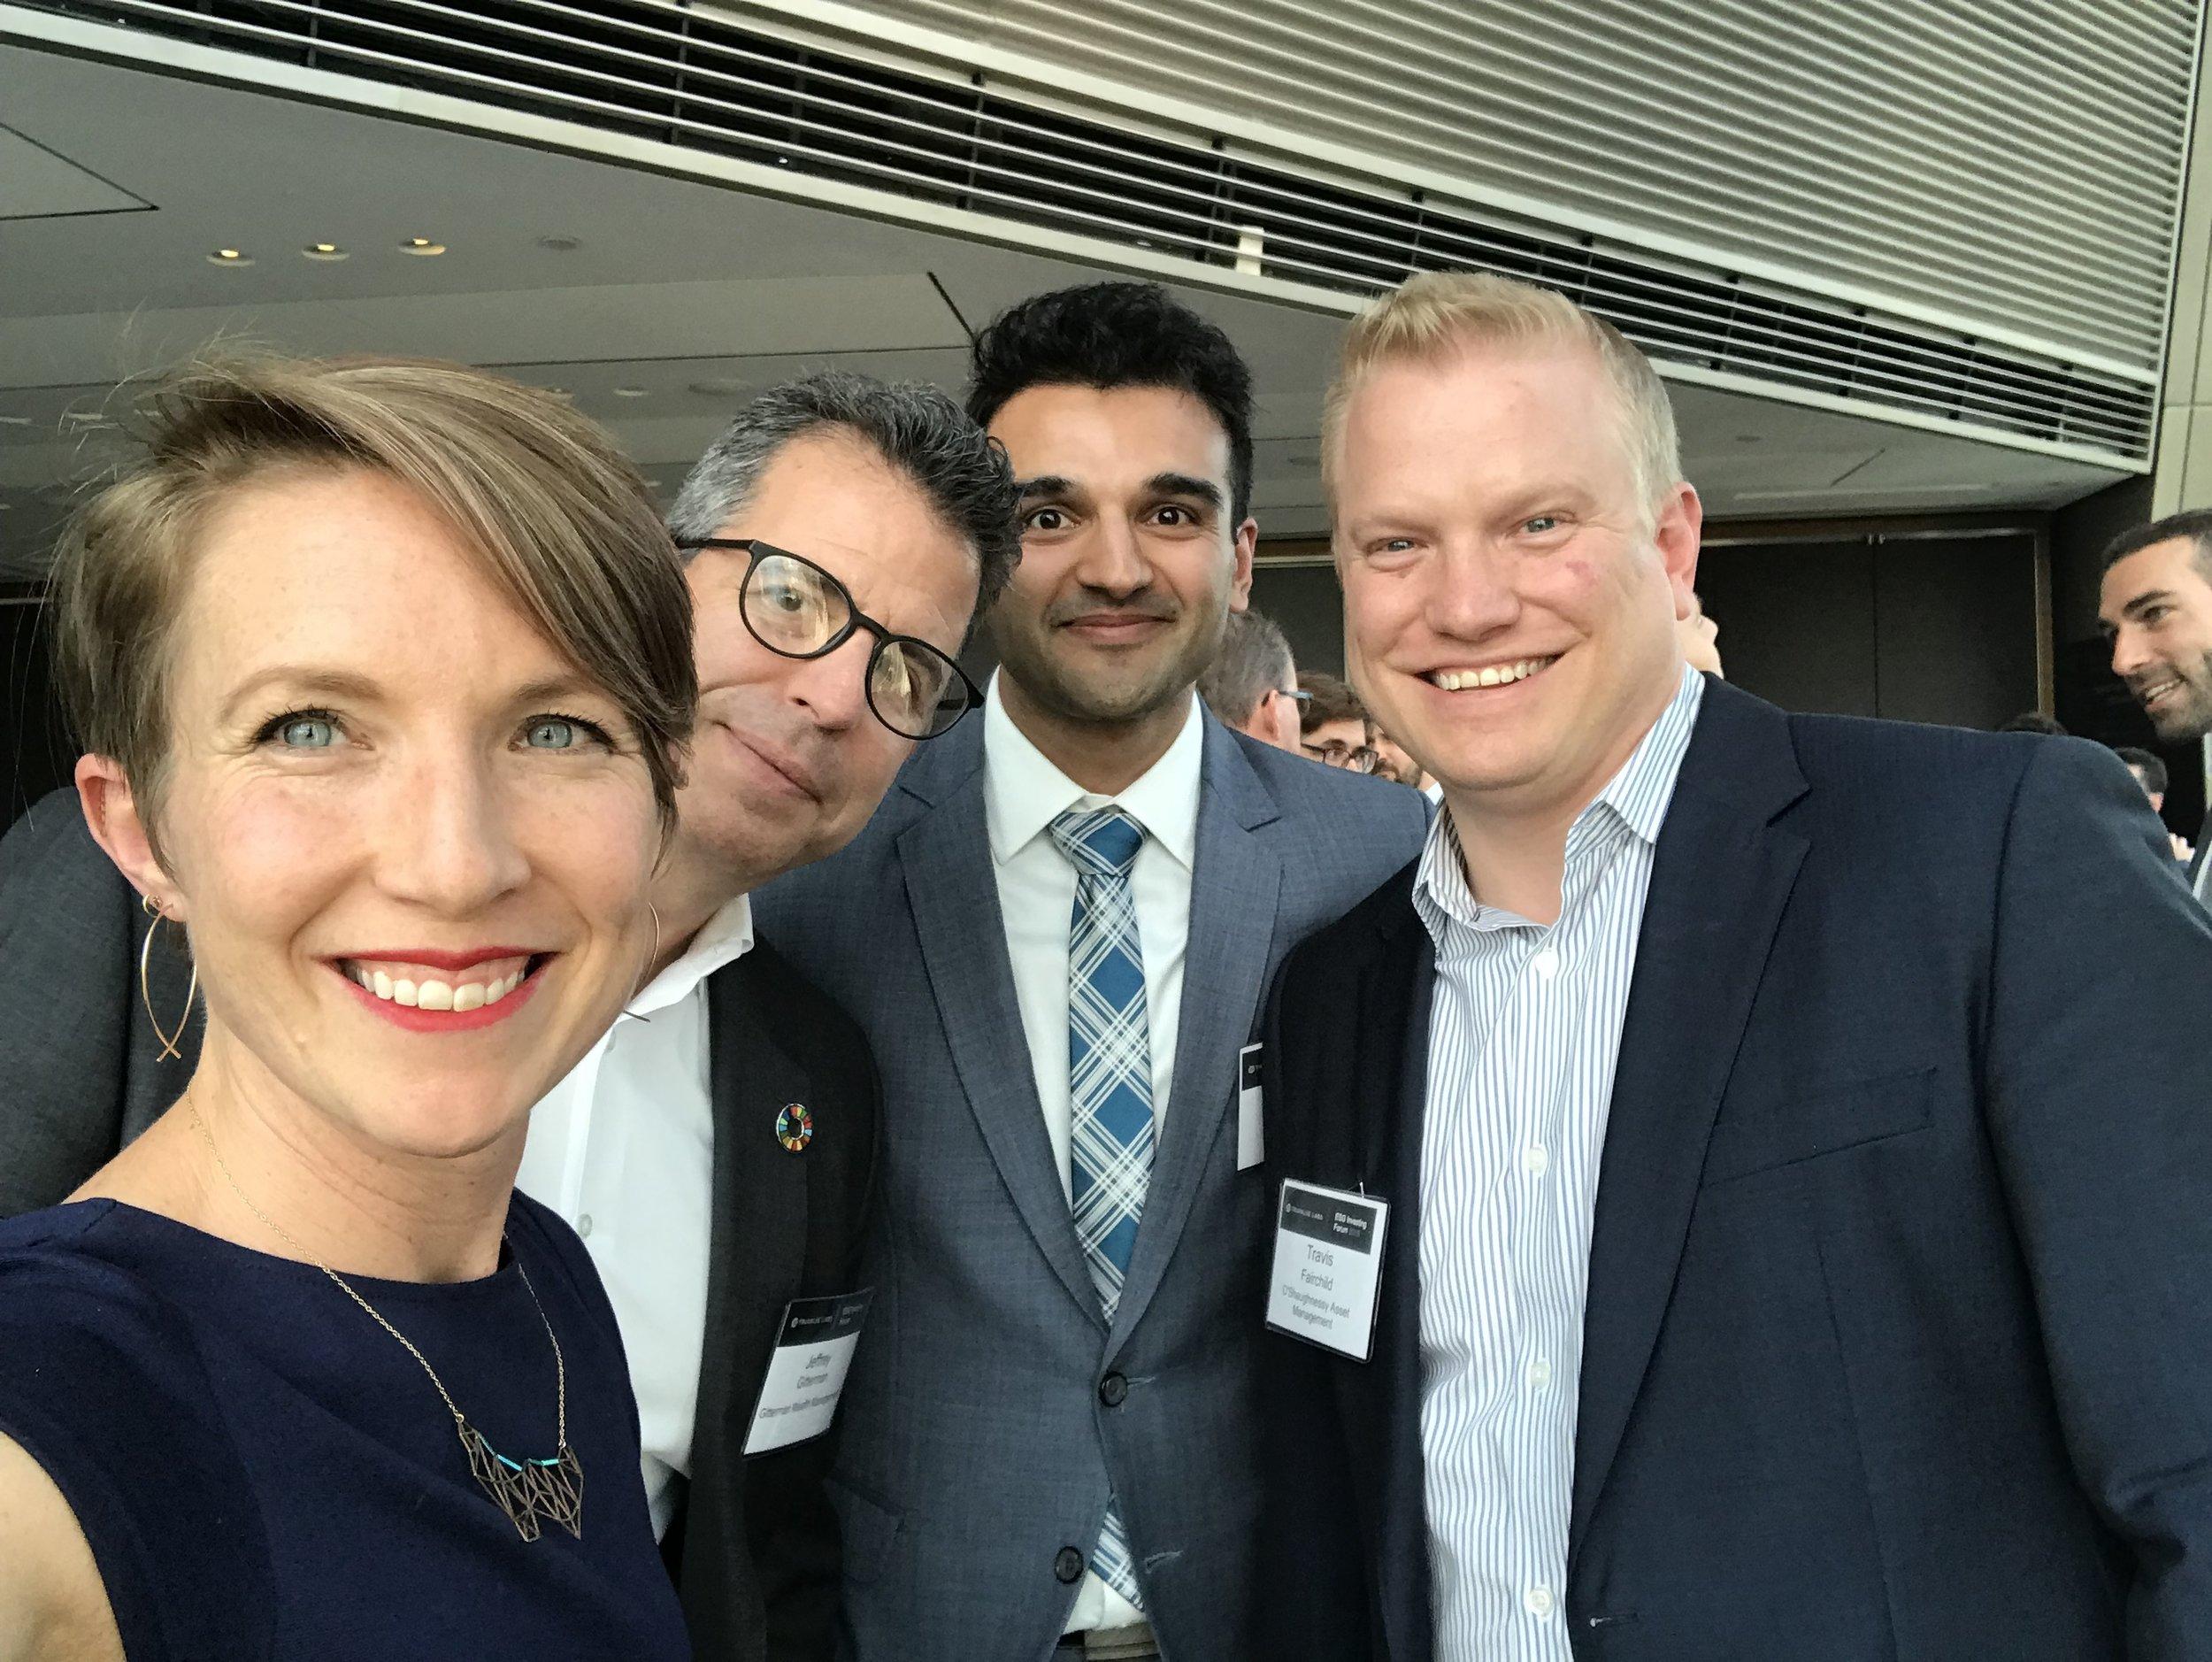 At the reception. Me, Jeff Gitterman, Aakash Kapur, Travis Fairchild